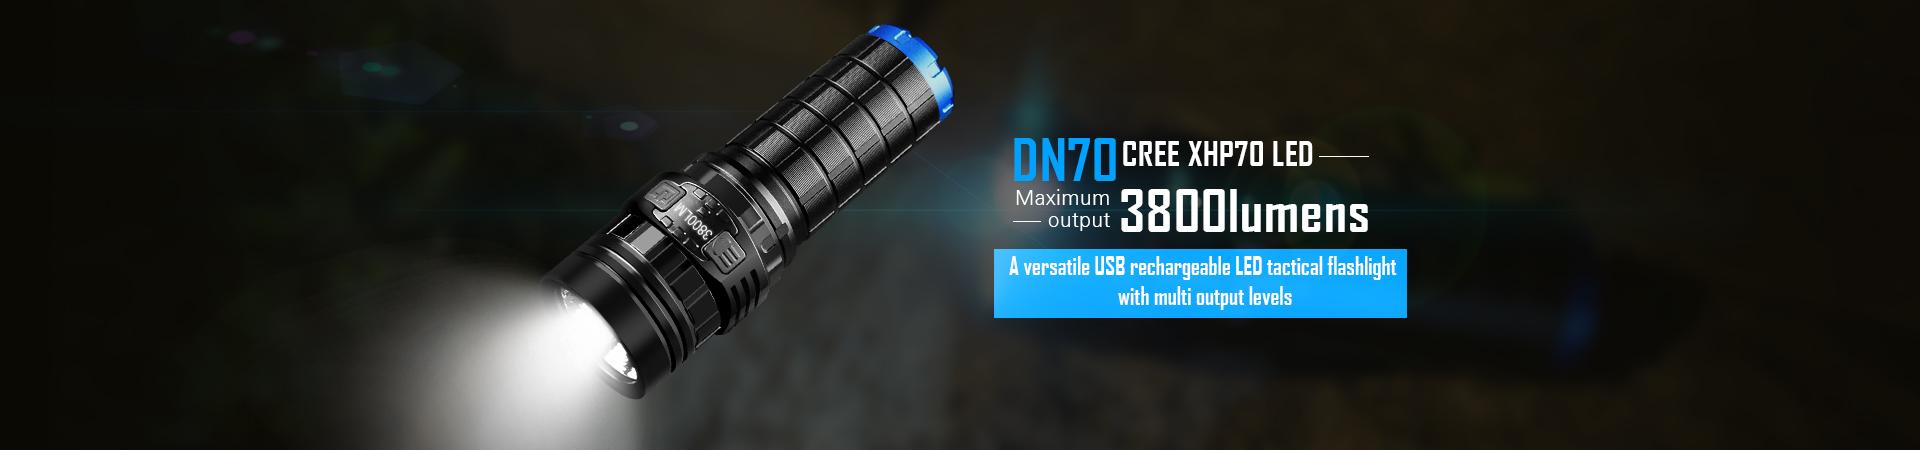 Imalent dn70 taschenlampe